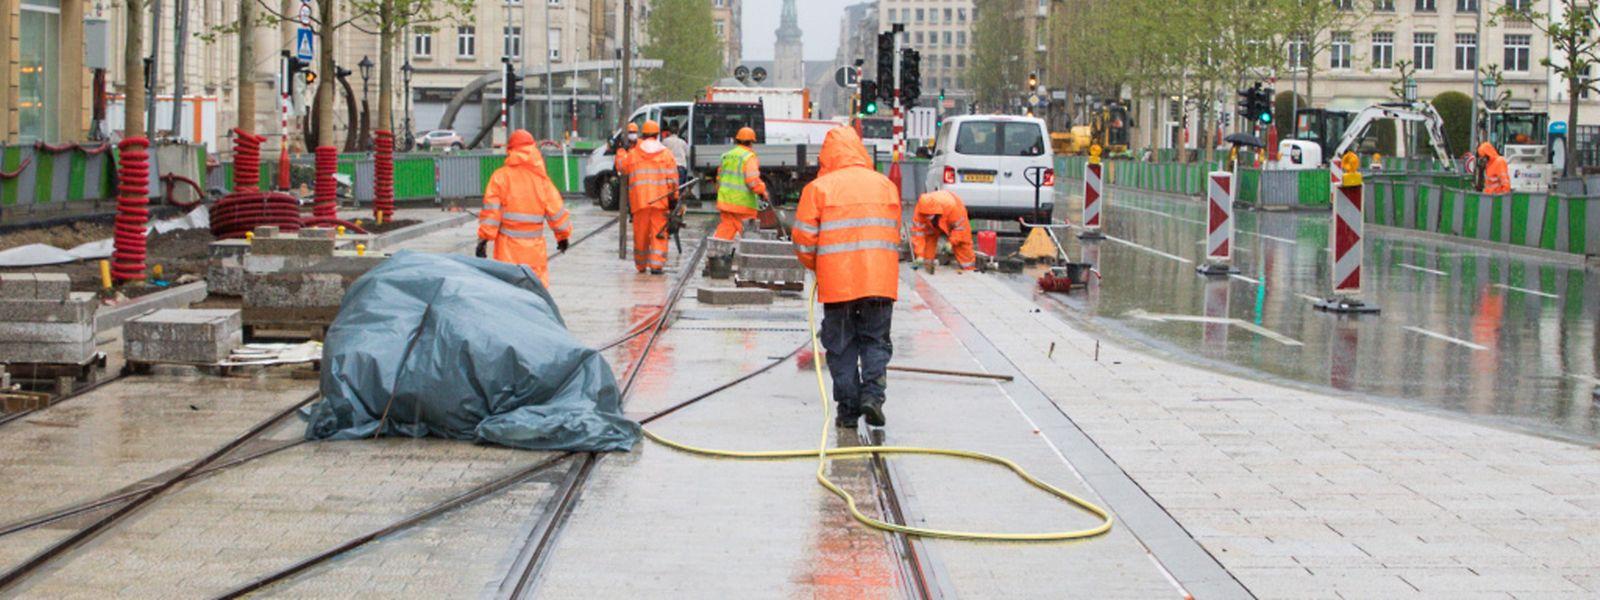 Le ministre de la Mobilité, François Bausch (Déi Gréng) a déjà fait savoir qu'il demanderait une suspension du congé collectif pour les entreprises engagées sur la nouvelle ligne tram.